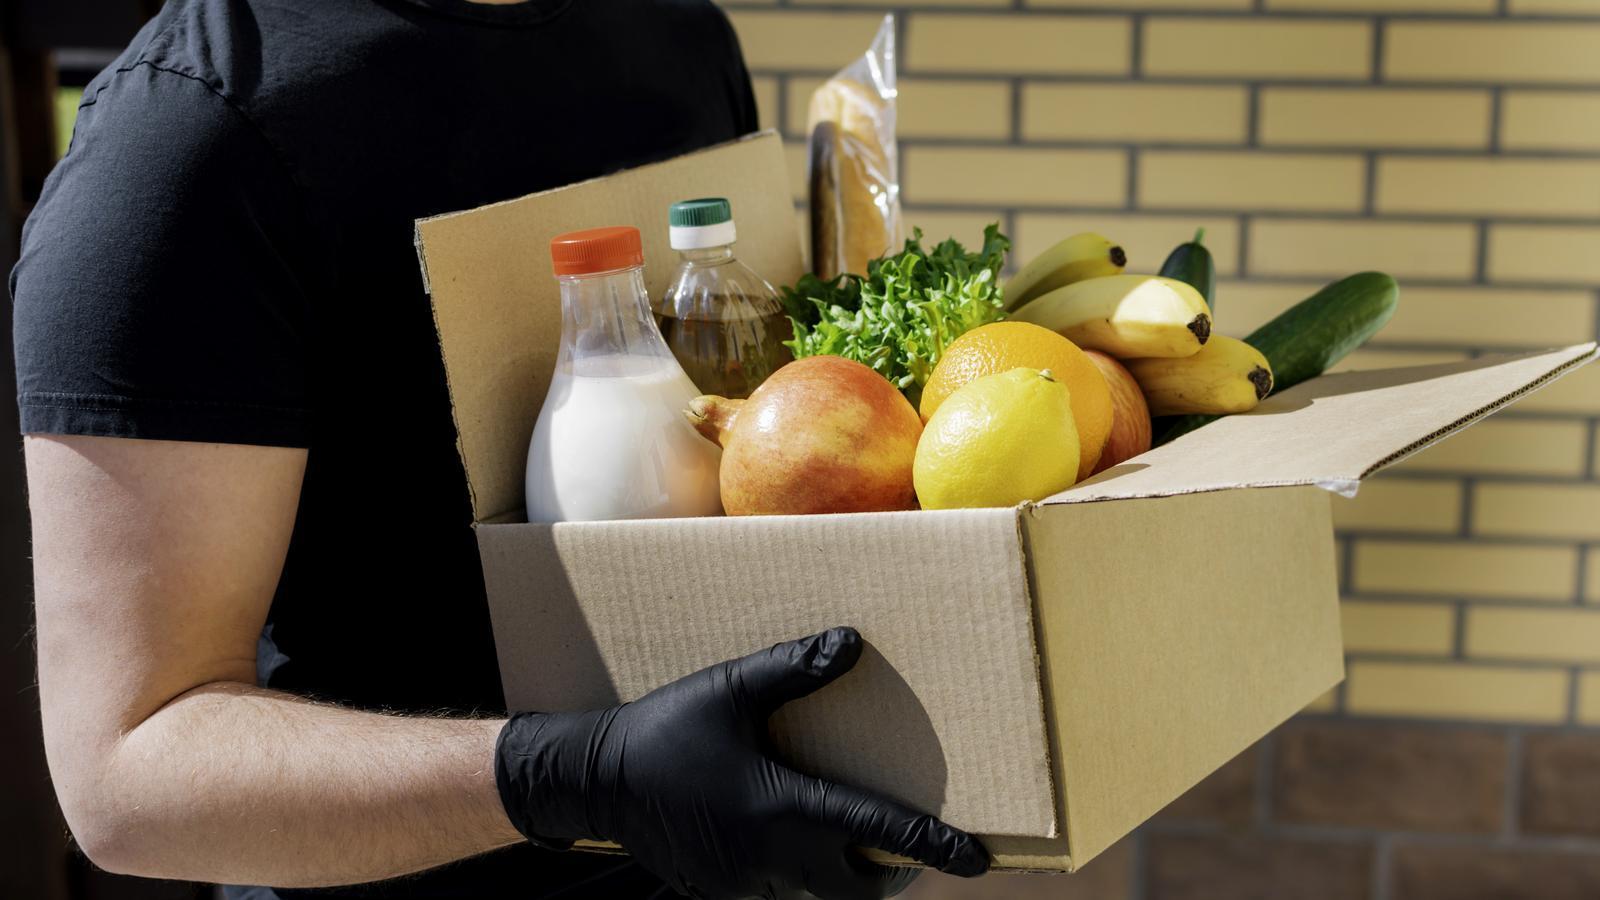 Un home carregant una caixa d'aliments frescos i llet